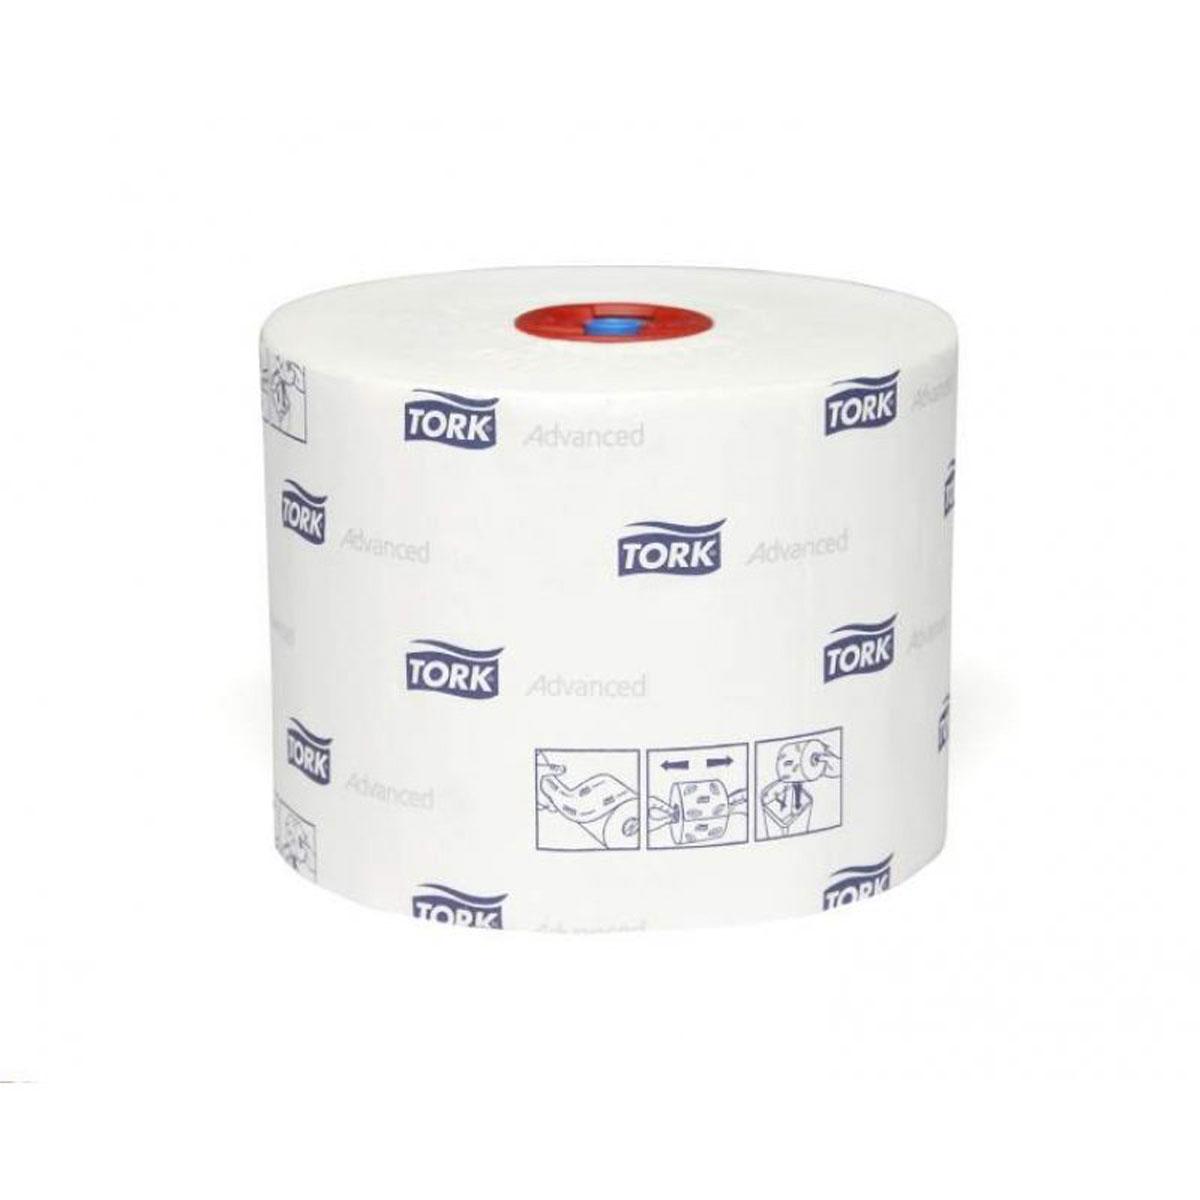 Tork туалетная бумага Mid-size в миди рулонах 2-сл. 100м, коробка 27 шт391602Целлюлоза